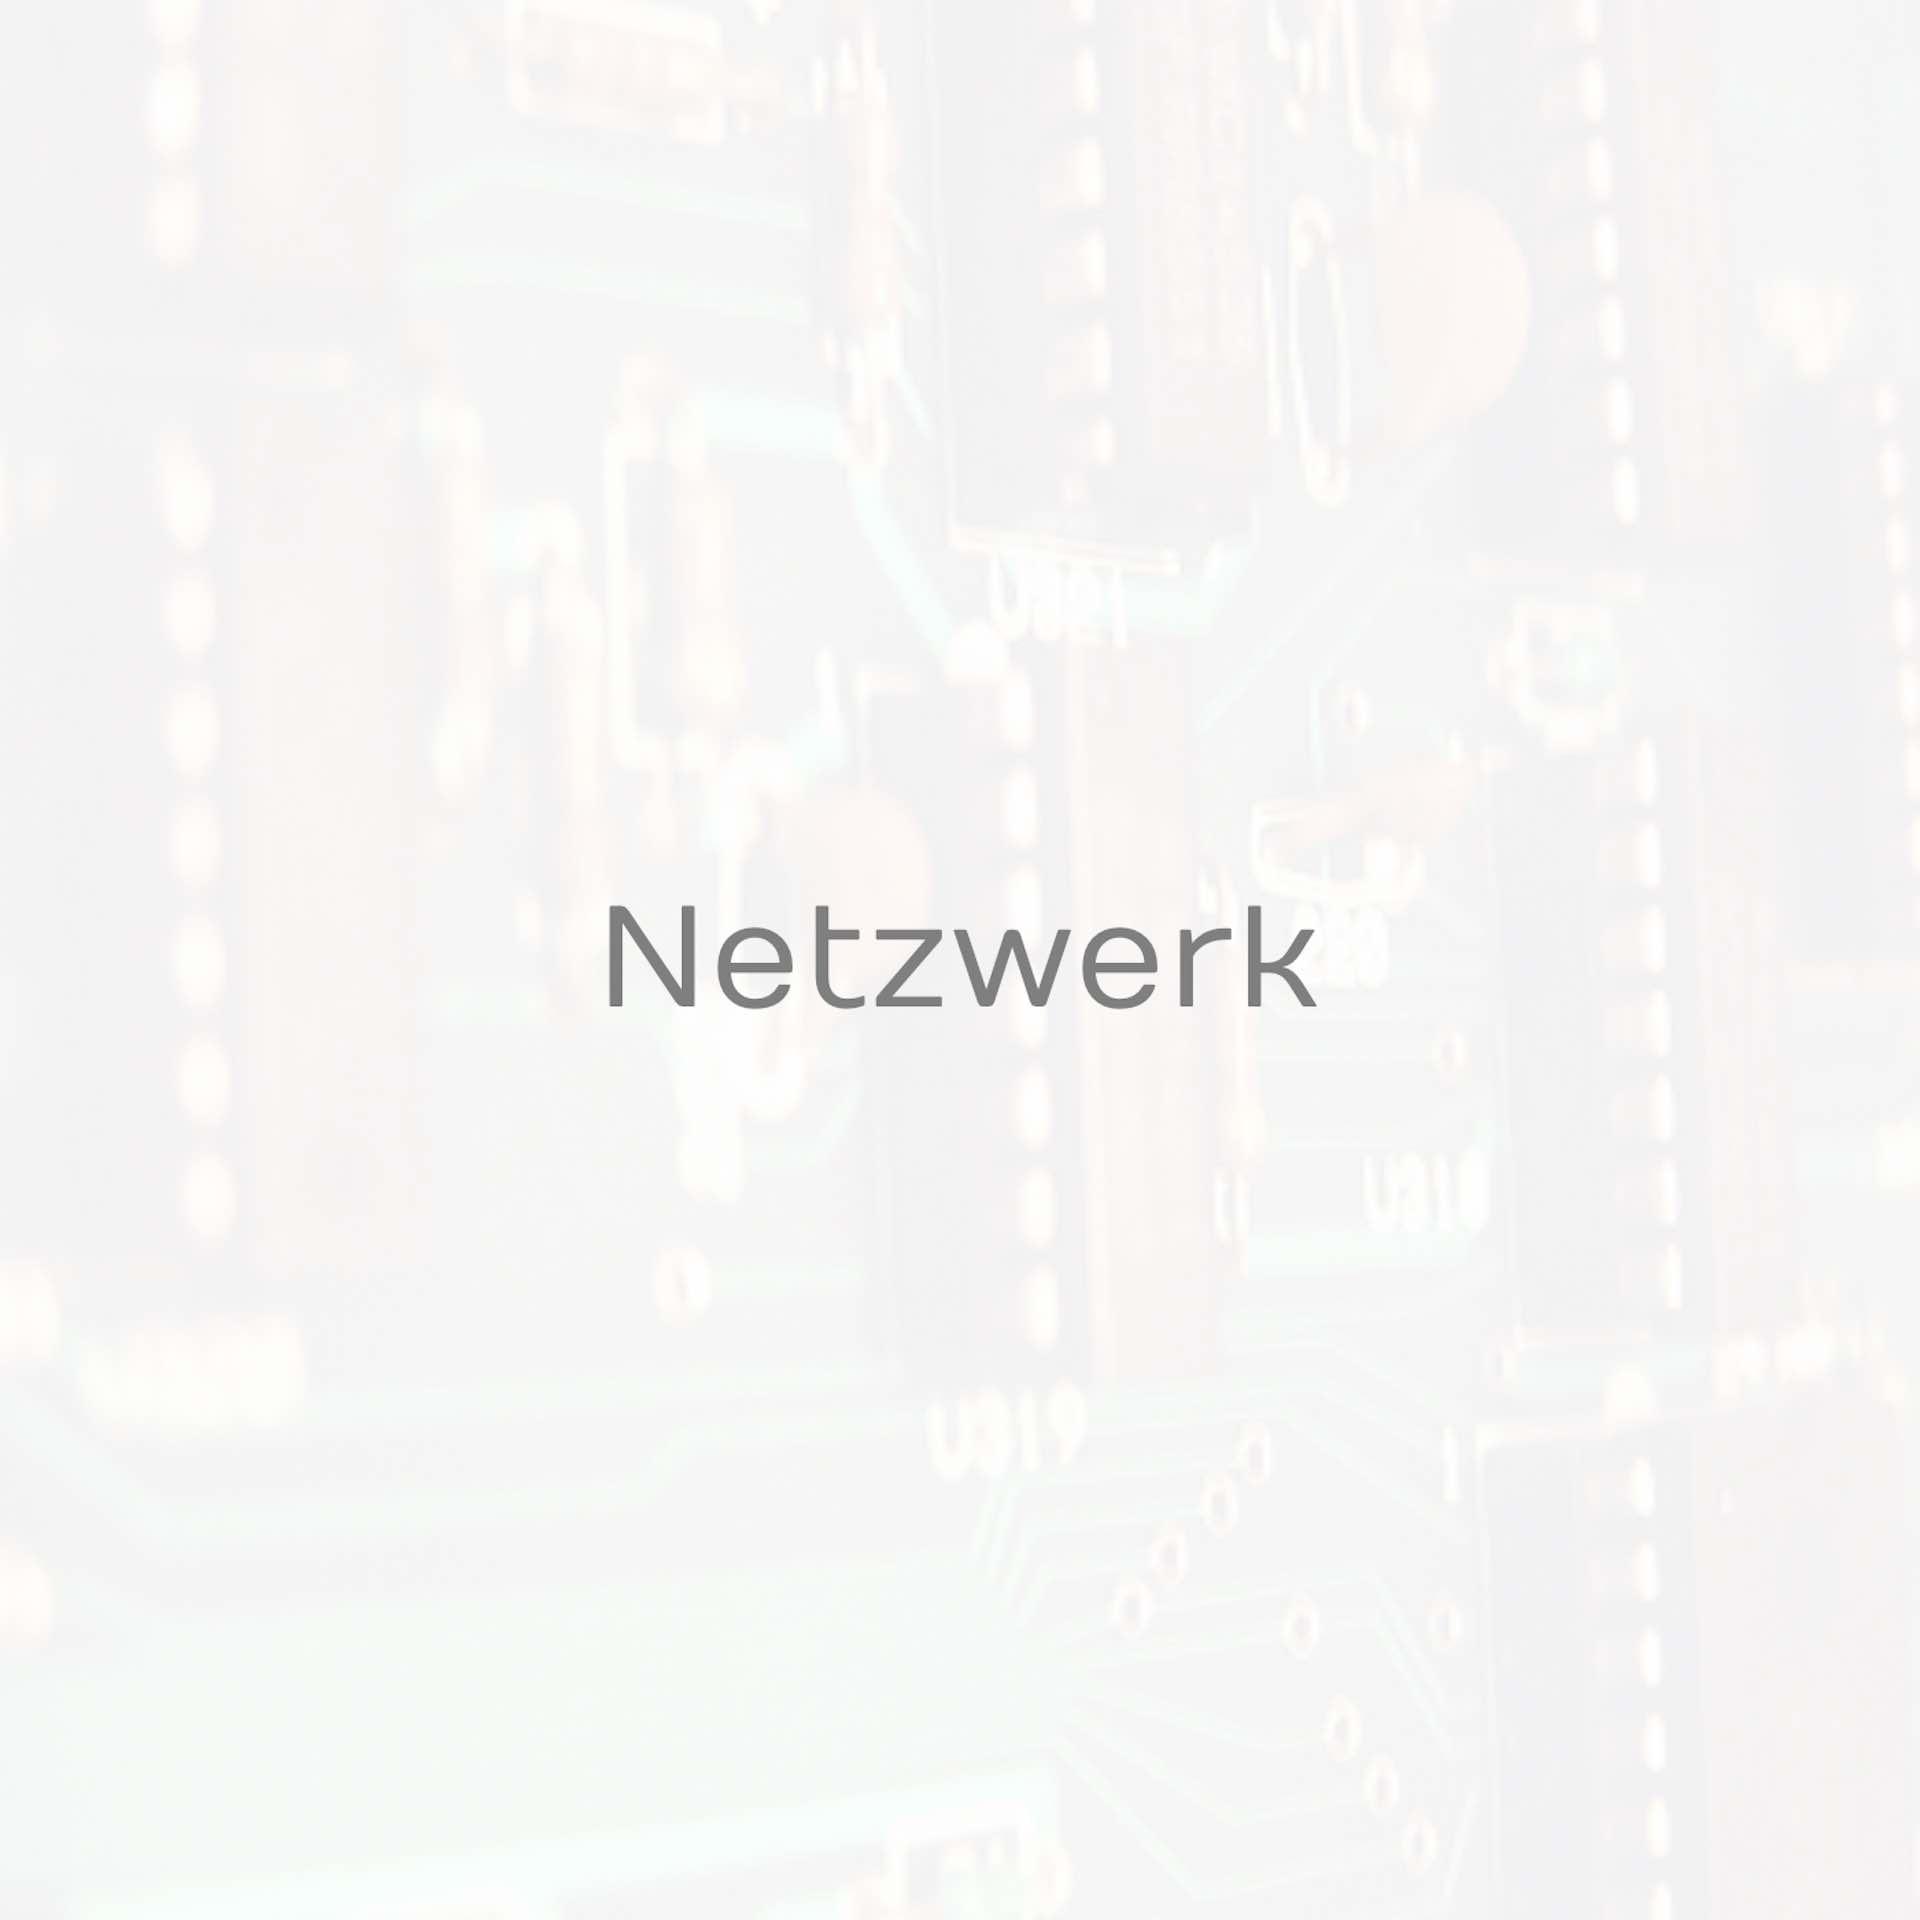 André_Heyer_Dienstleistungen_Netzwerk